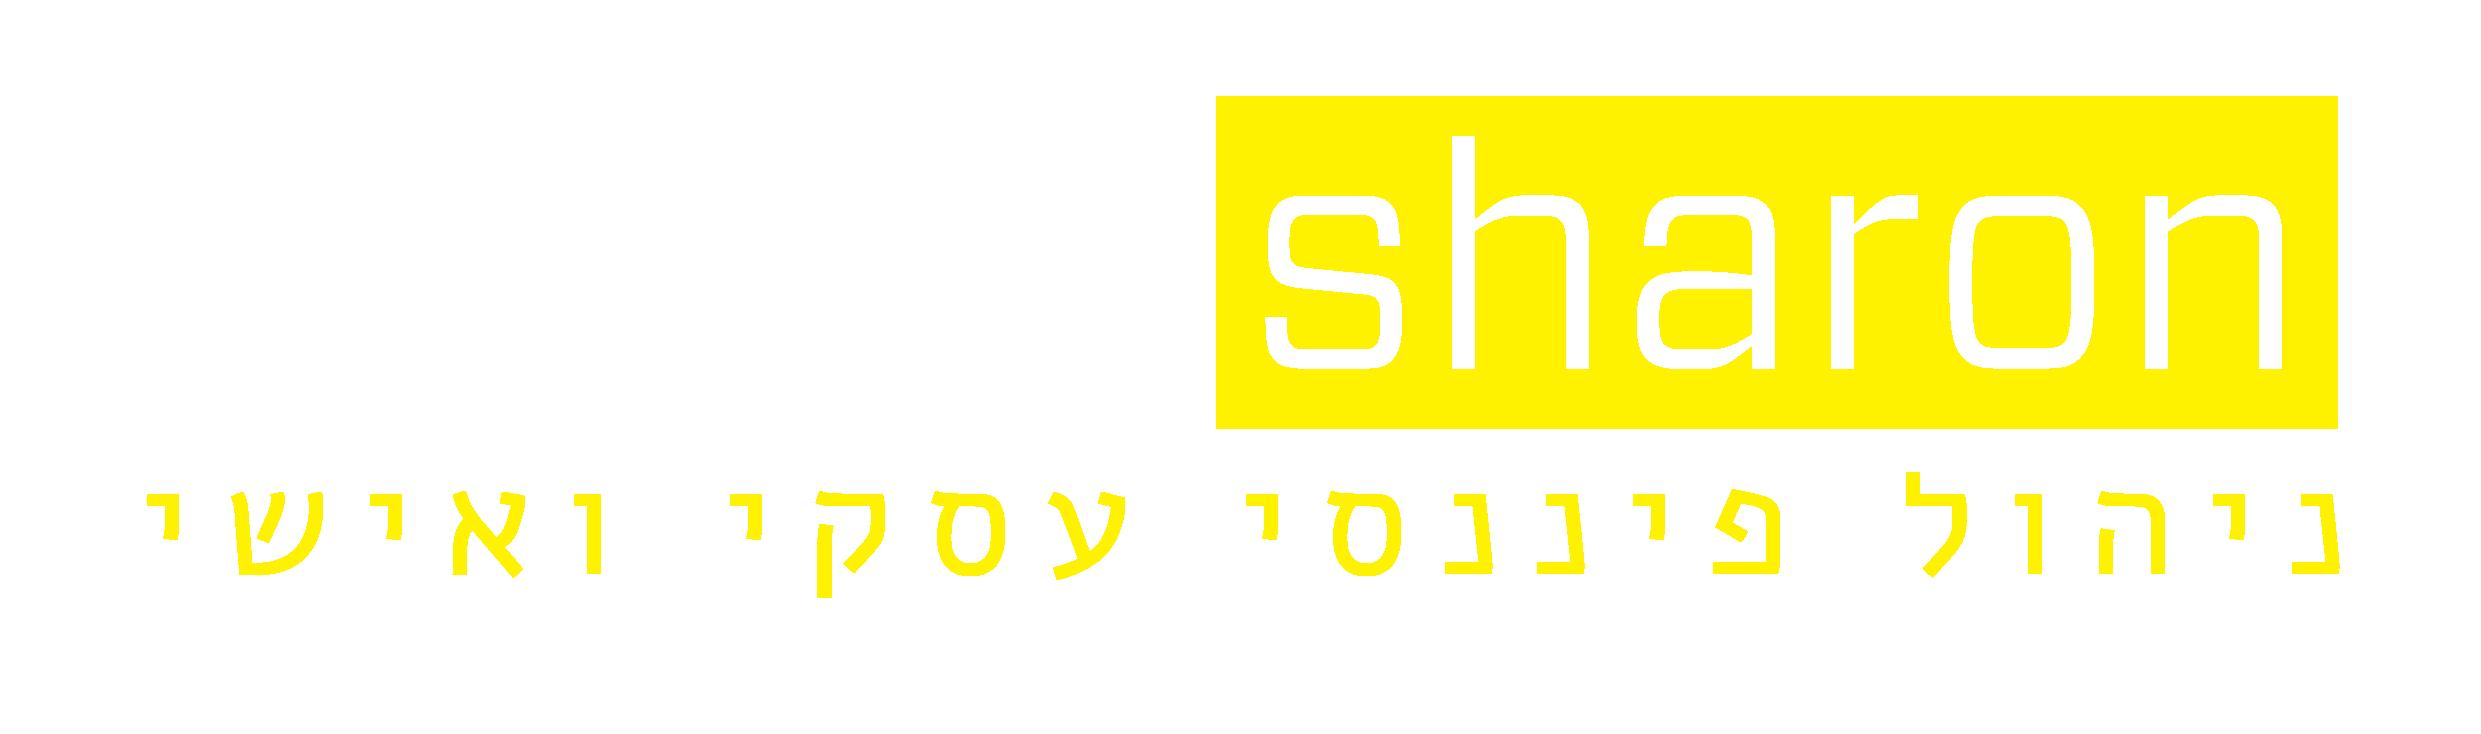 shahar sharon_logo 28062020_V02-02